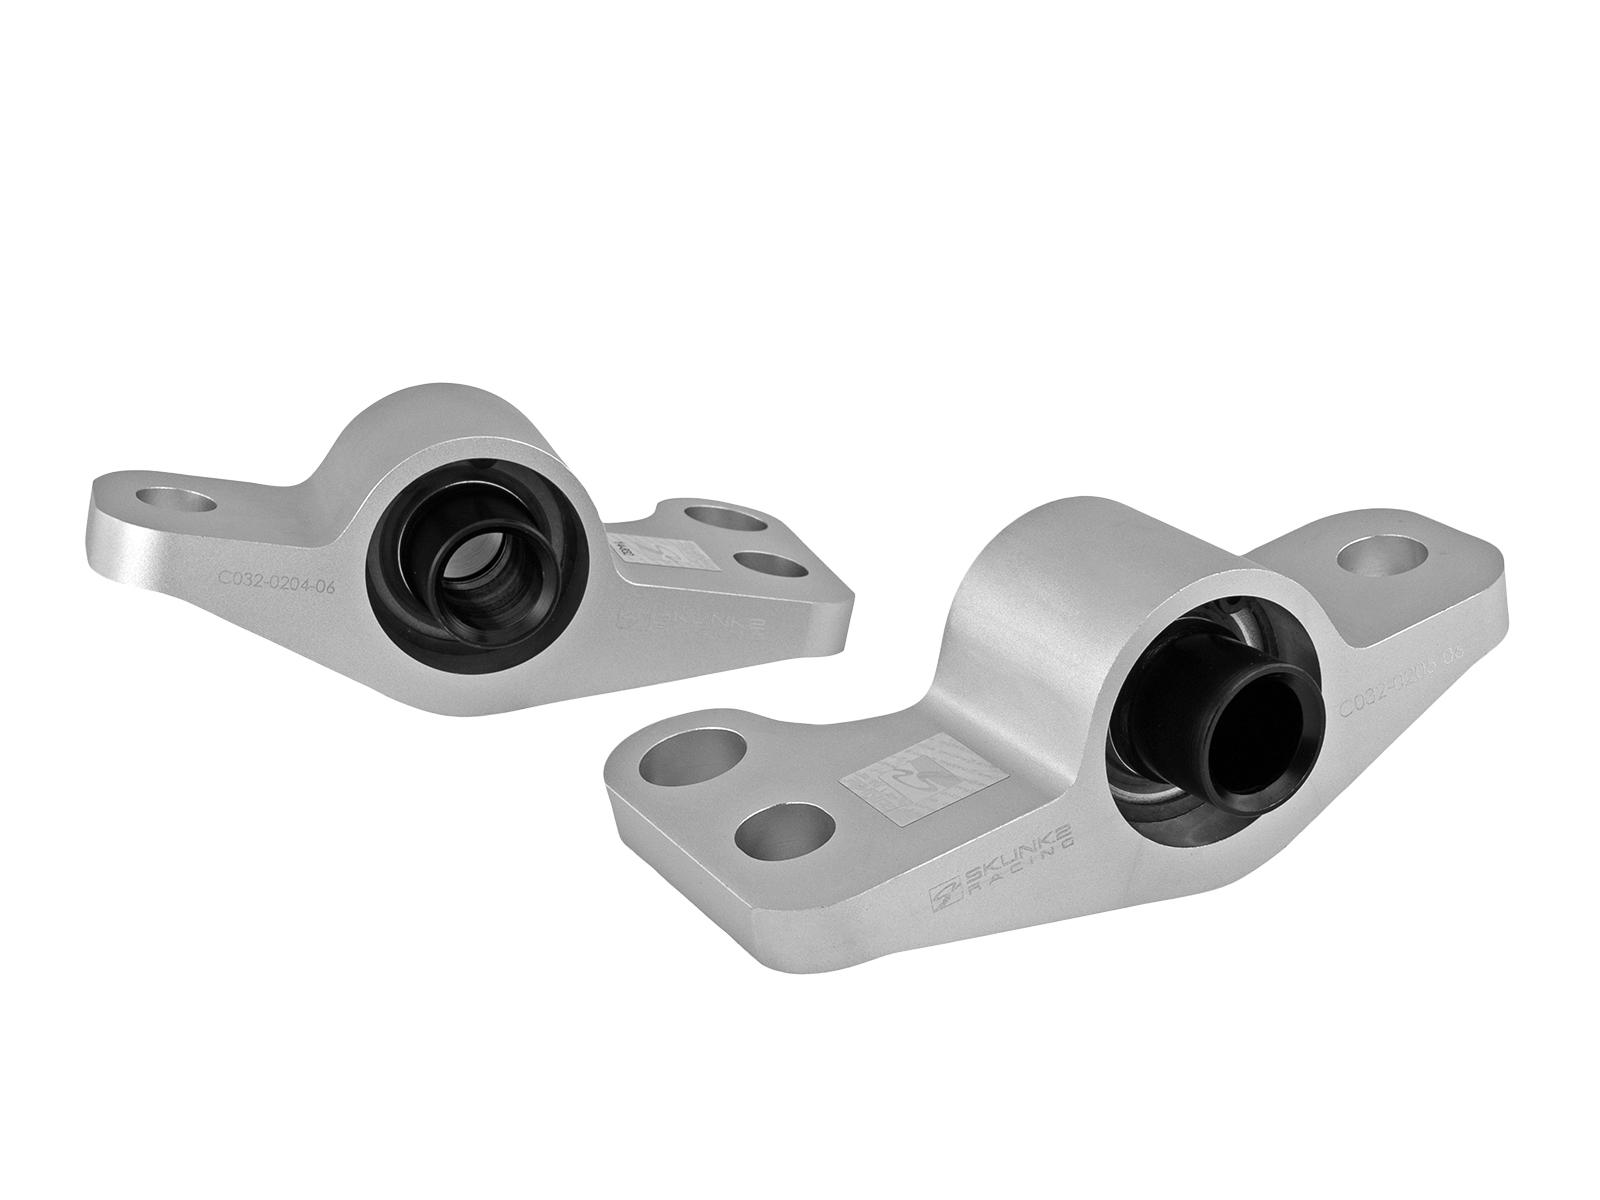 Skunk2 Racing  Billet Aluminum Compliance Bracket w/ Spherical Bearings Raw 96-00 Honda Civic Ex EK